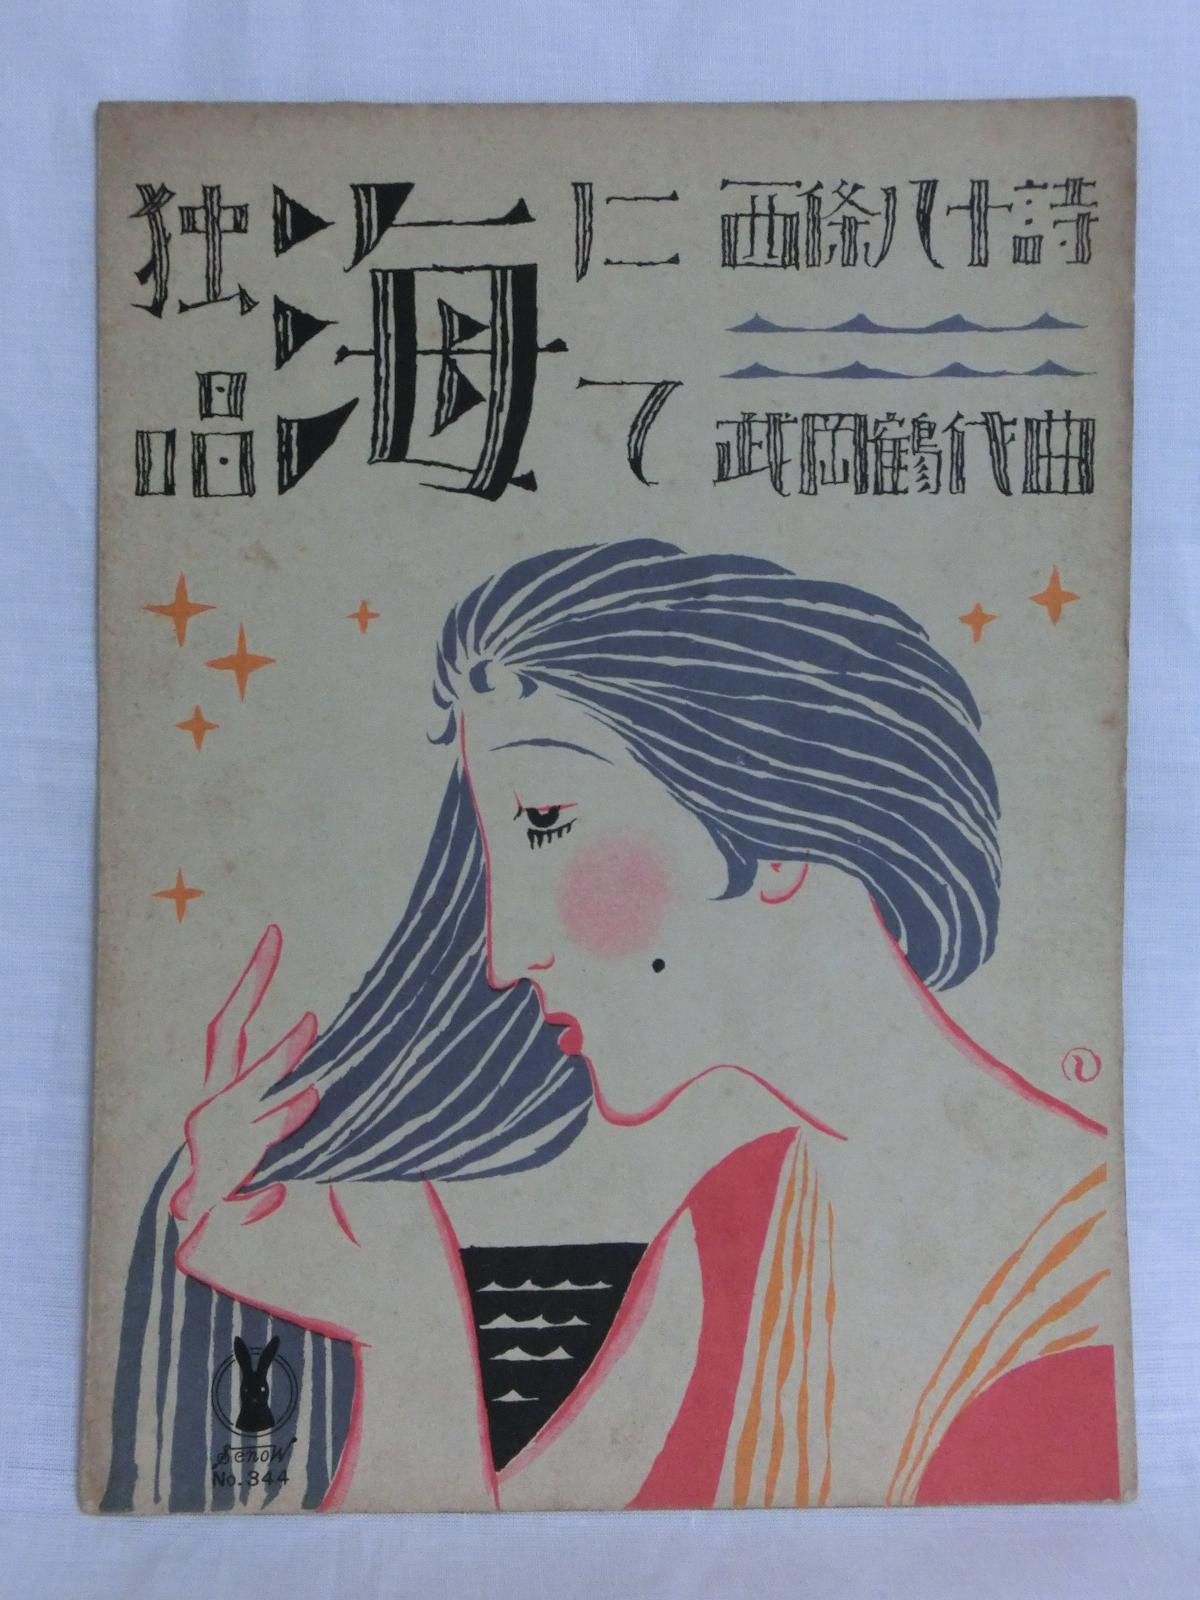 senoogakufu no334